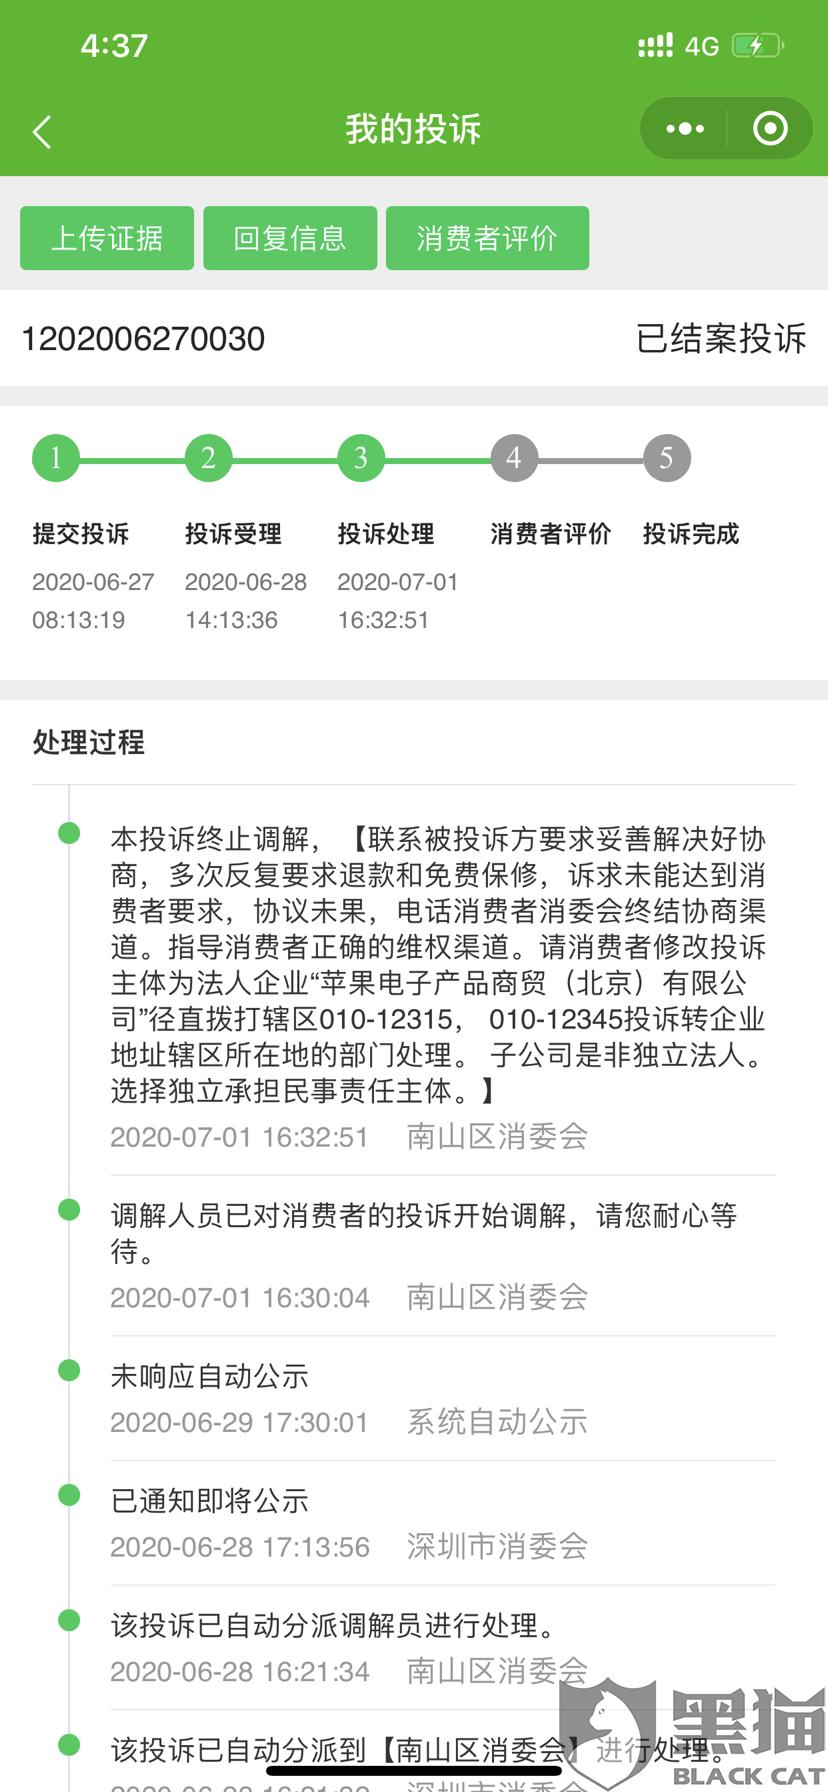 黑猫投诉:iPhone Xs Max质量差坑害消费者